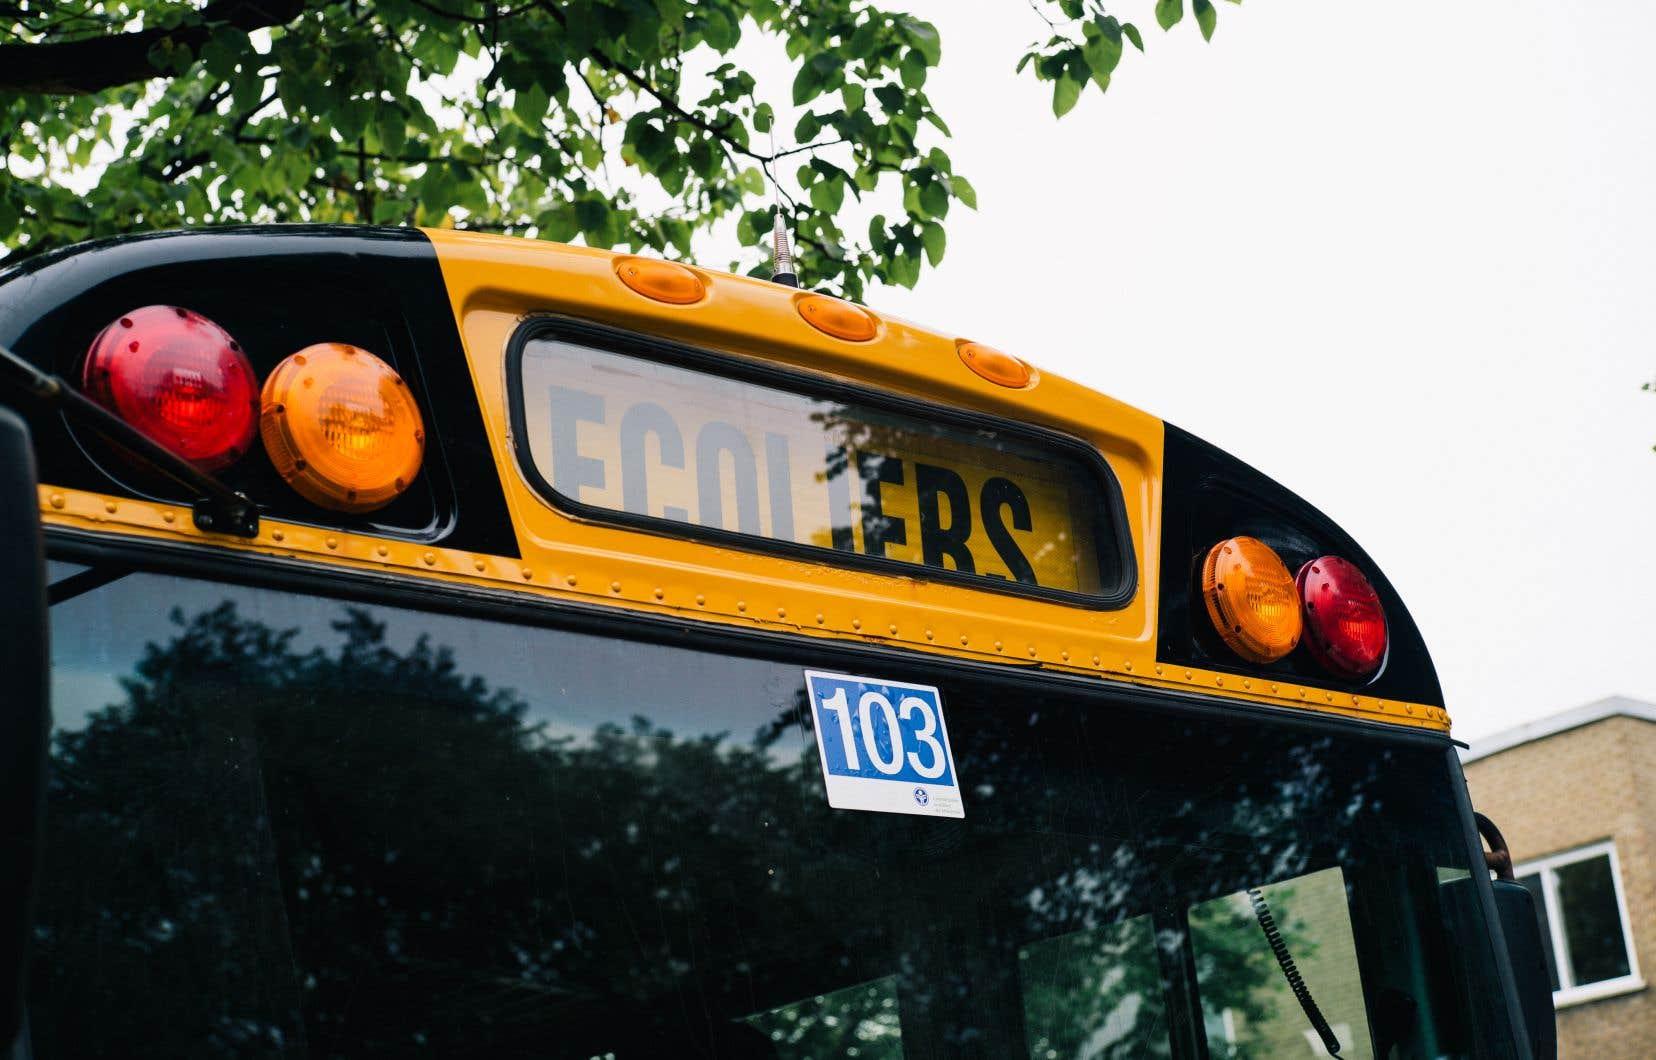 Comme pour d'autres types de véhicules, le prix de vente d'un autobus scolaire électrique est près du double de celui d'un modèle similaire à moteur diesel.